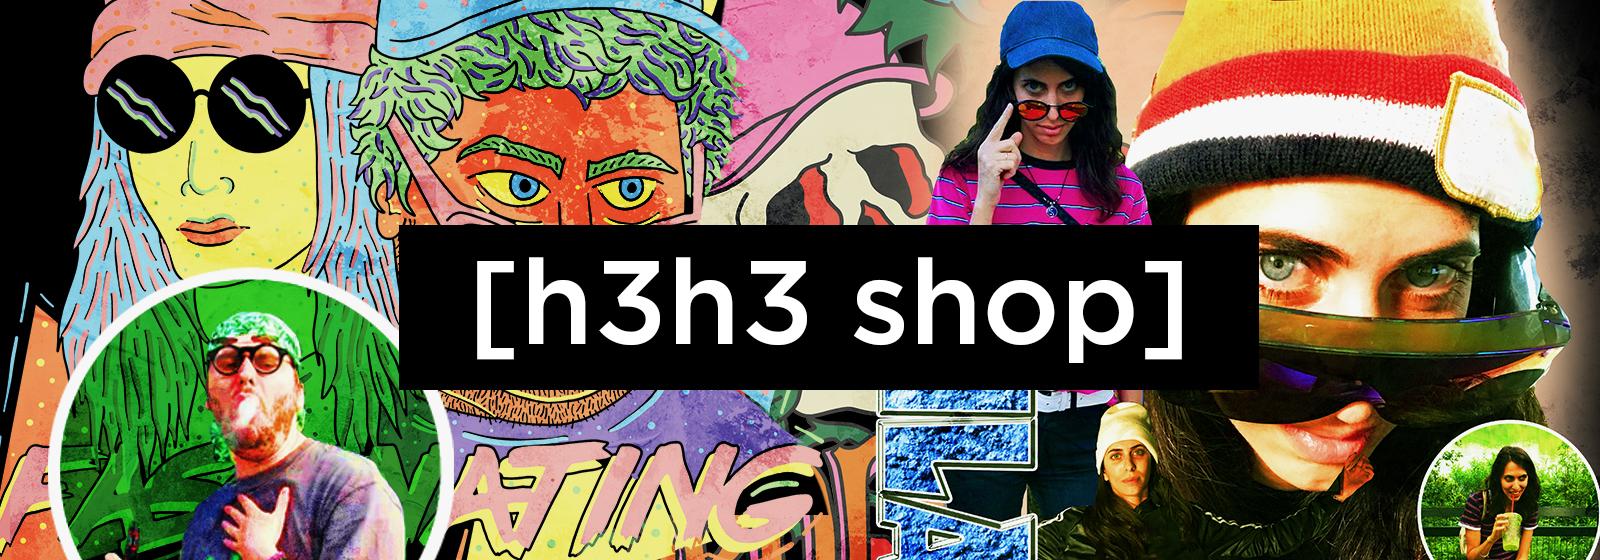 [h3h3Shop] Store